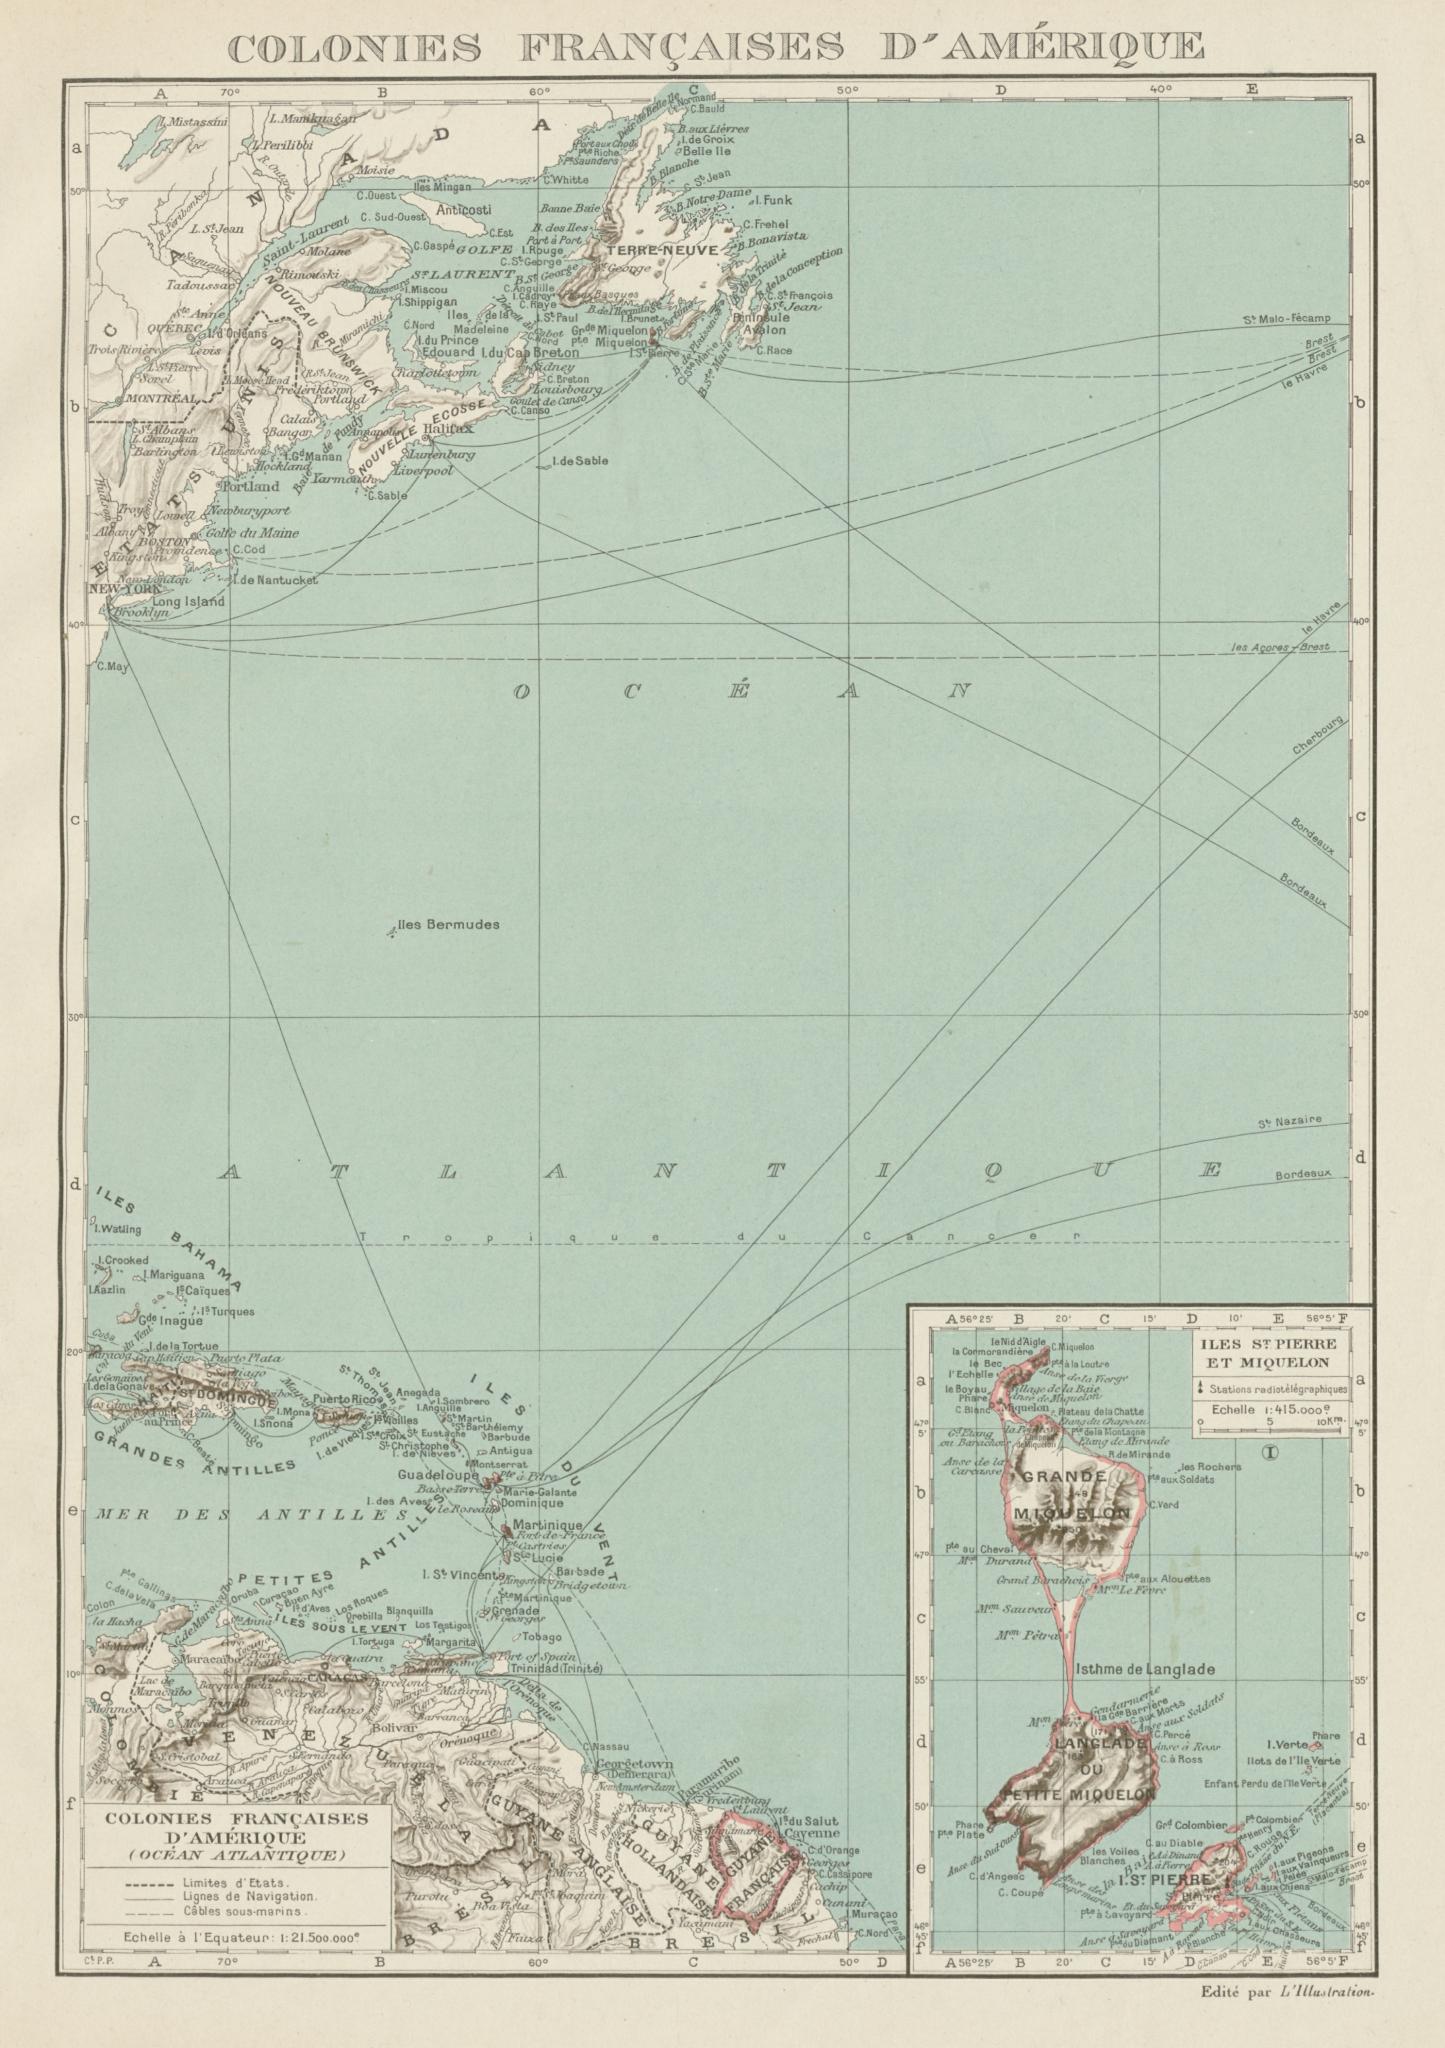 Associate Product FRENCH AMERICAS. Colonies Françaises d' Amerique. St-Pierre et Miquelon 1929 map